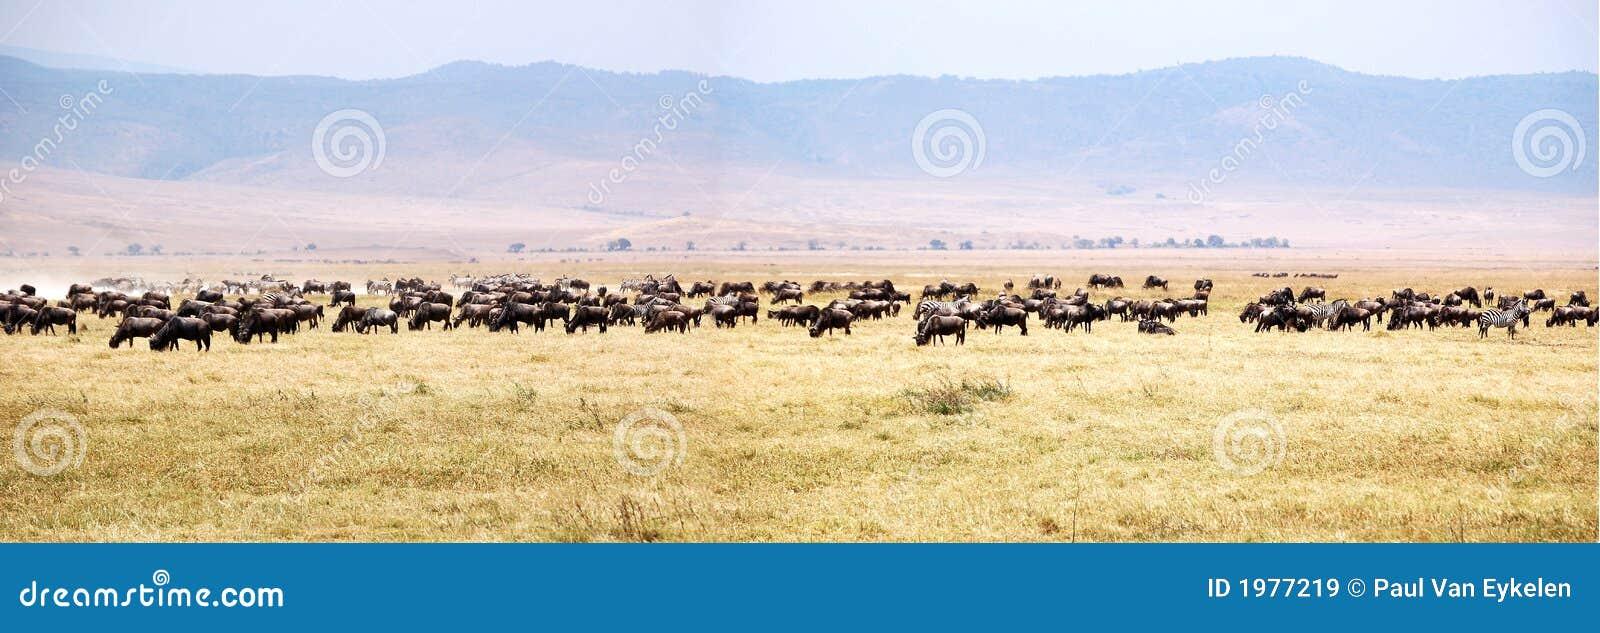 Panorama da migração do Wildebeest